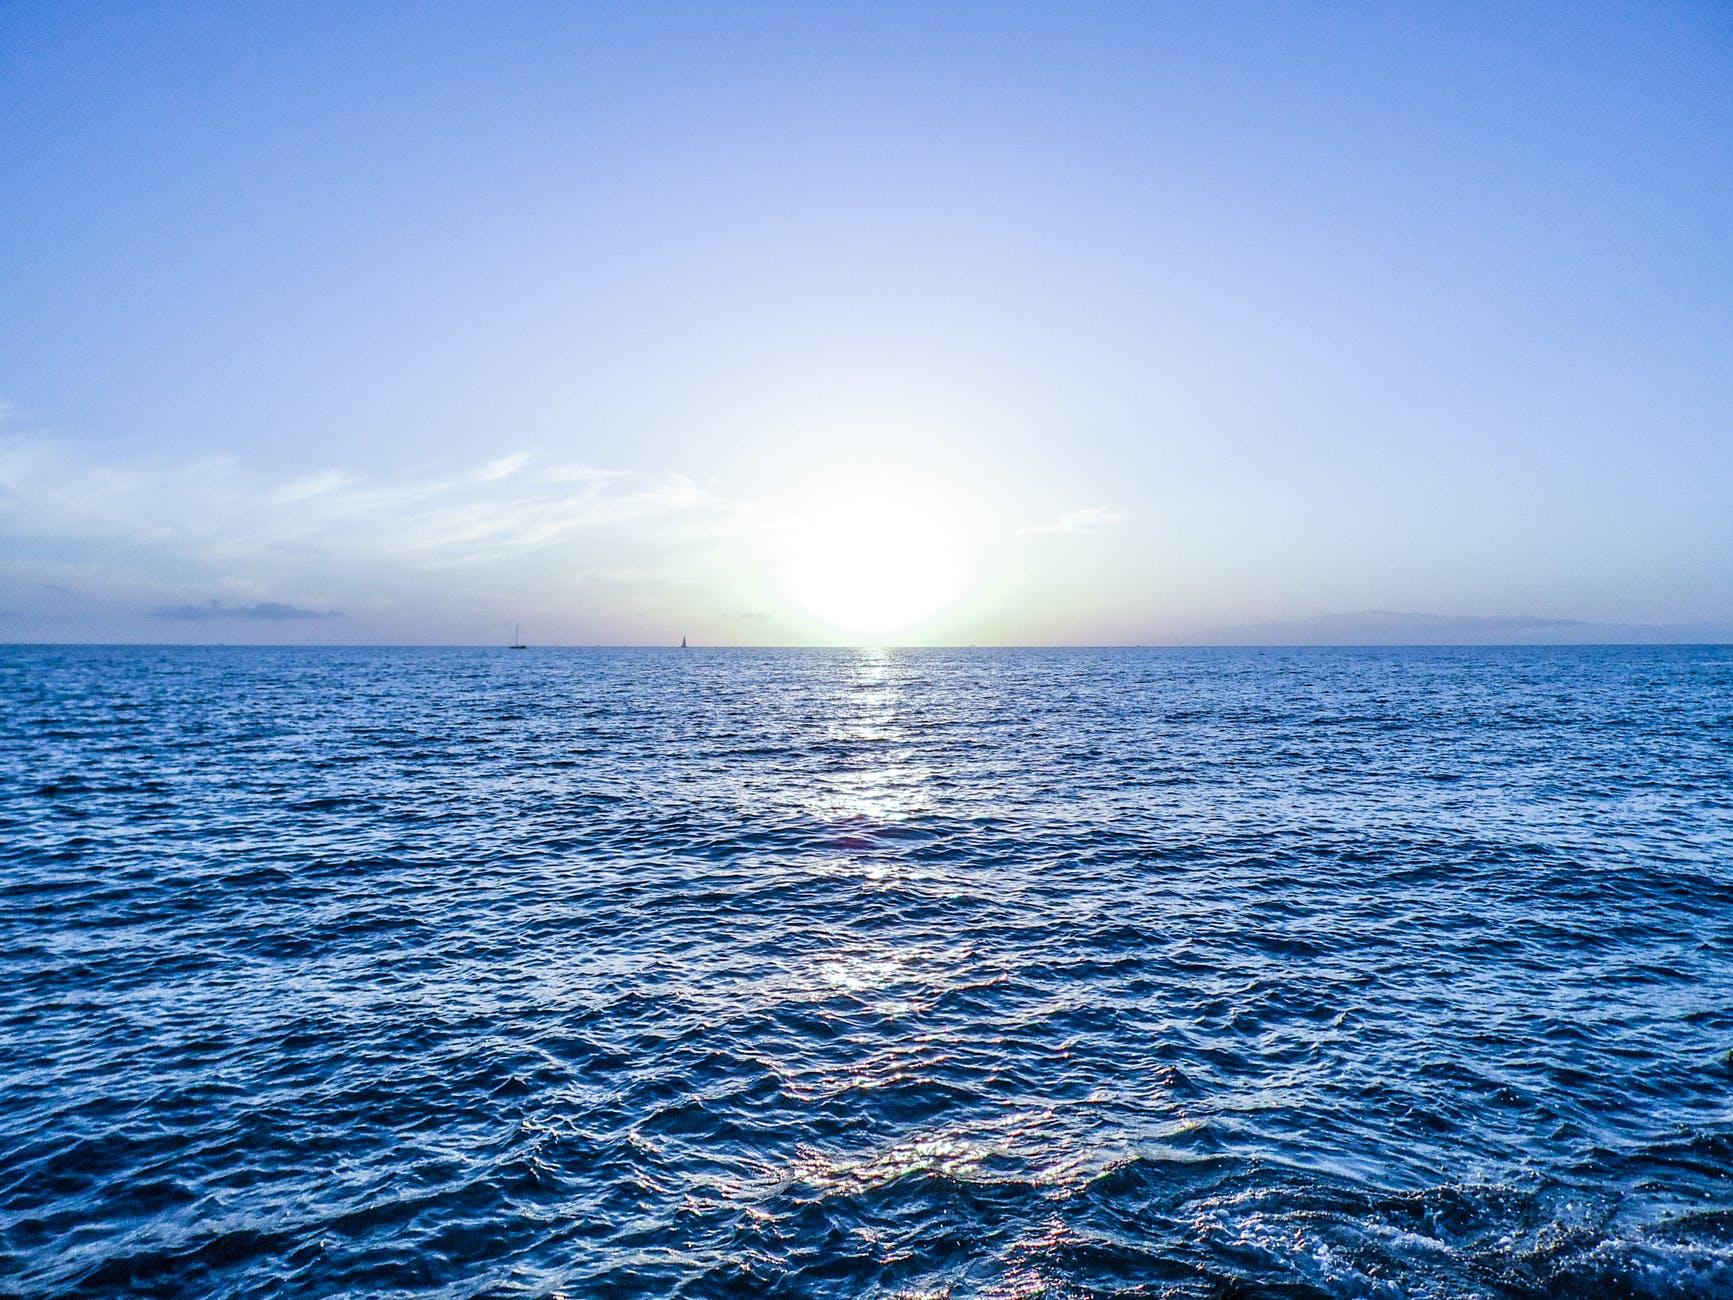 sea and sky horizon photo